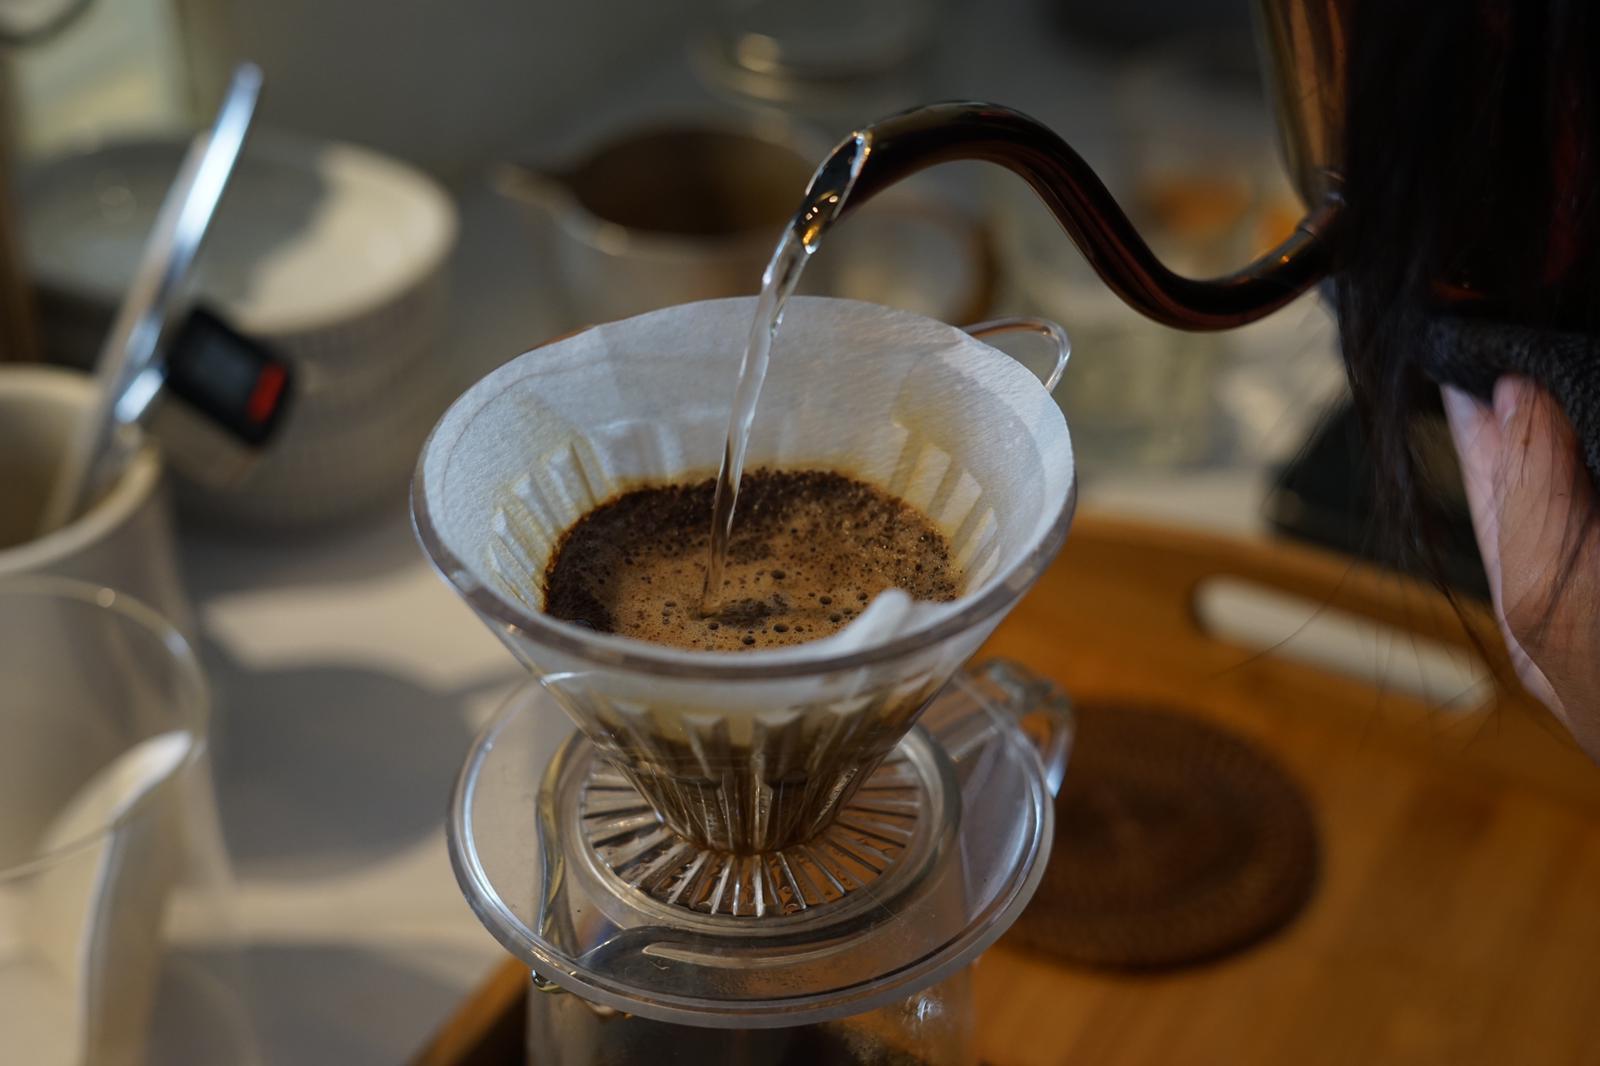 2021情人節 情人節工作坊 workshop 體驗活動 情侶活動 手工 手沖咖啡